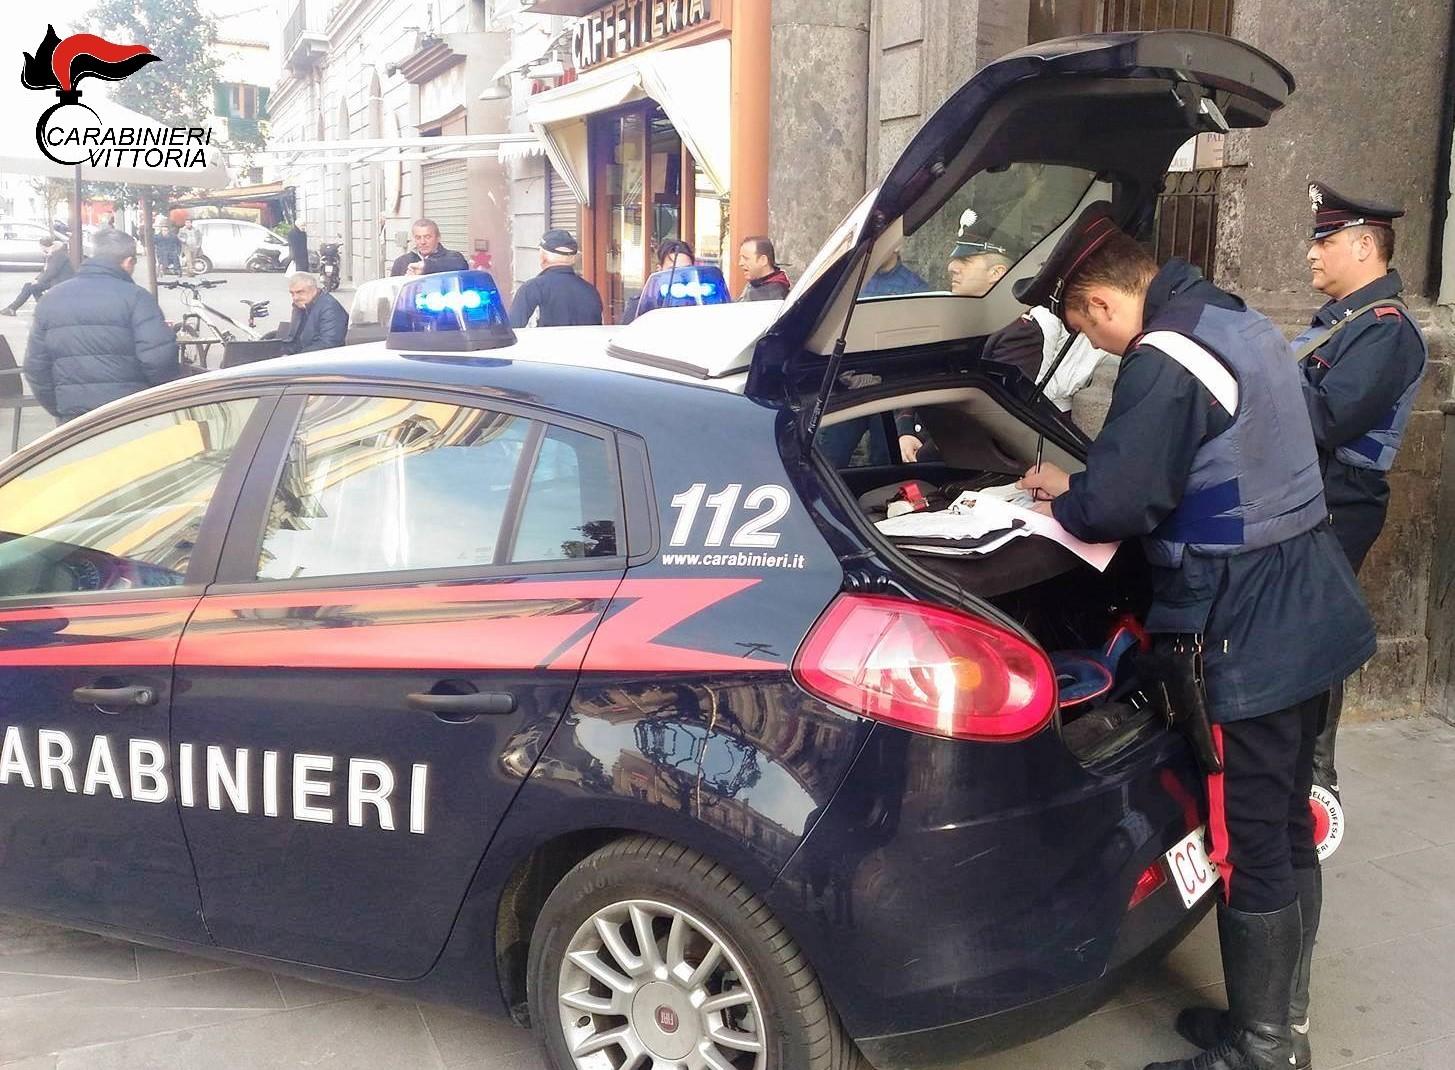 Acate, arrestato un clandestino: era stato espulso nel 2013 dalla Prefettura di Trieste